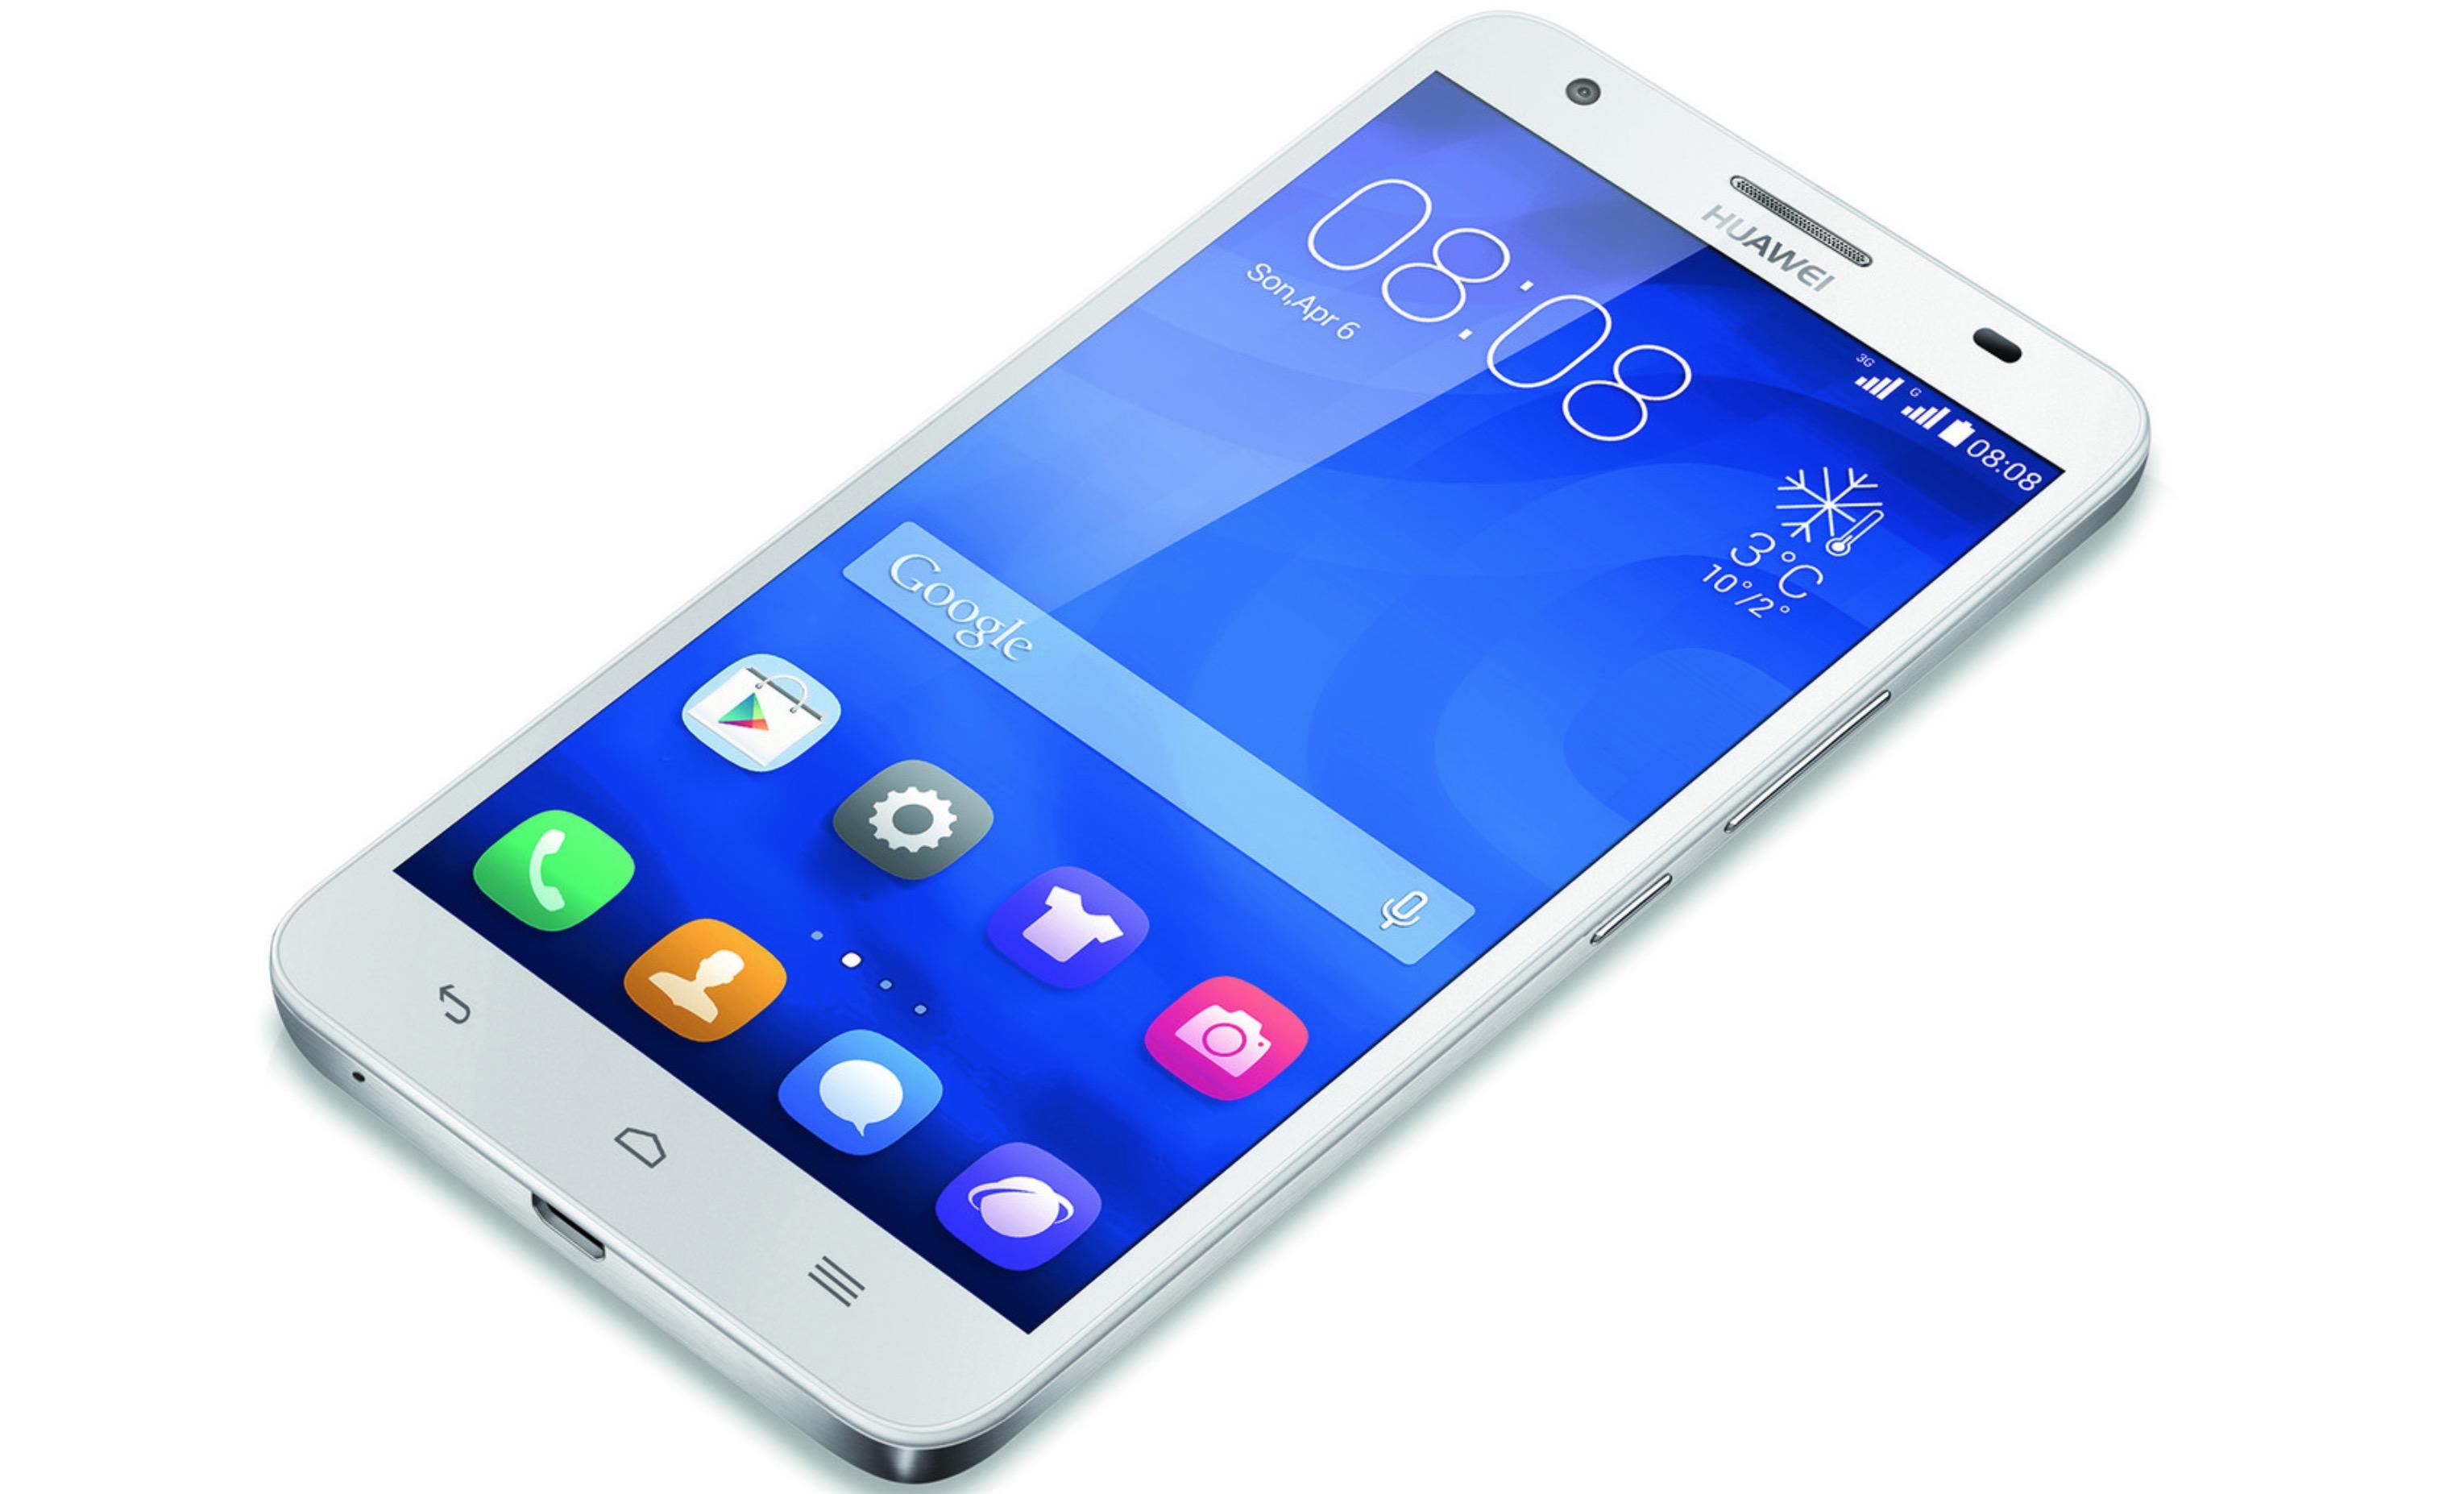 Huawei Ascend G750: video recensione e pro e contro